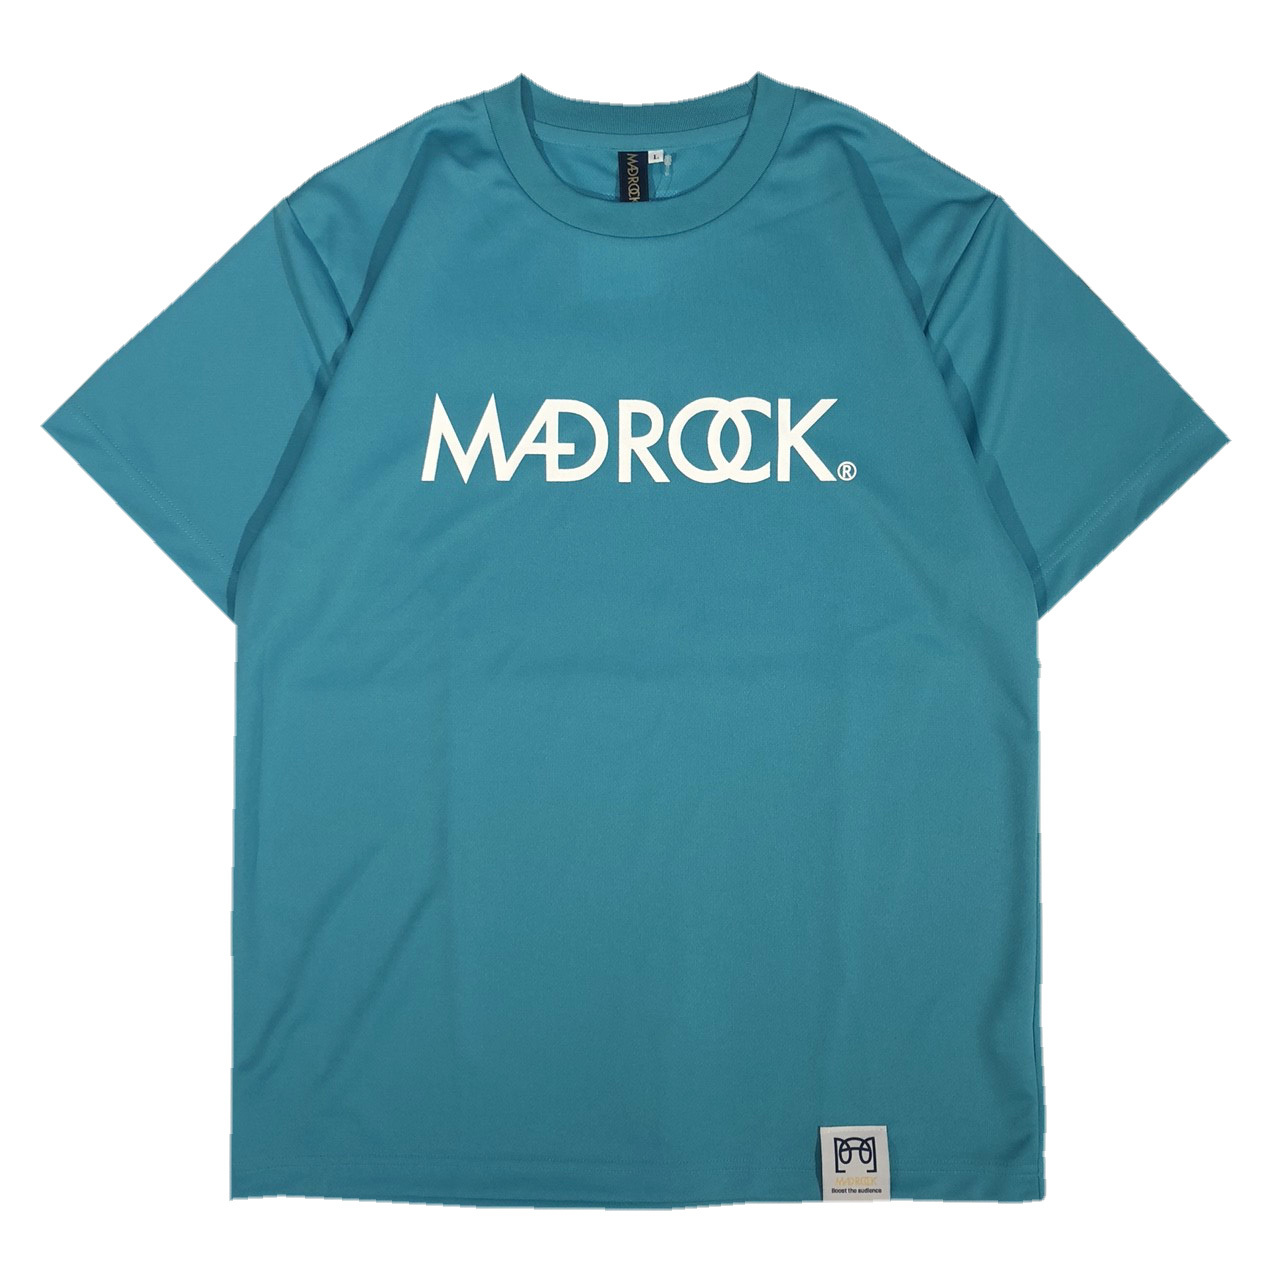 マッドロックロゴ Tシャツ/ドライタイプ/ミントブルー&ホワイト